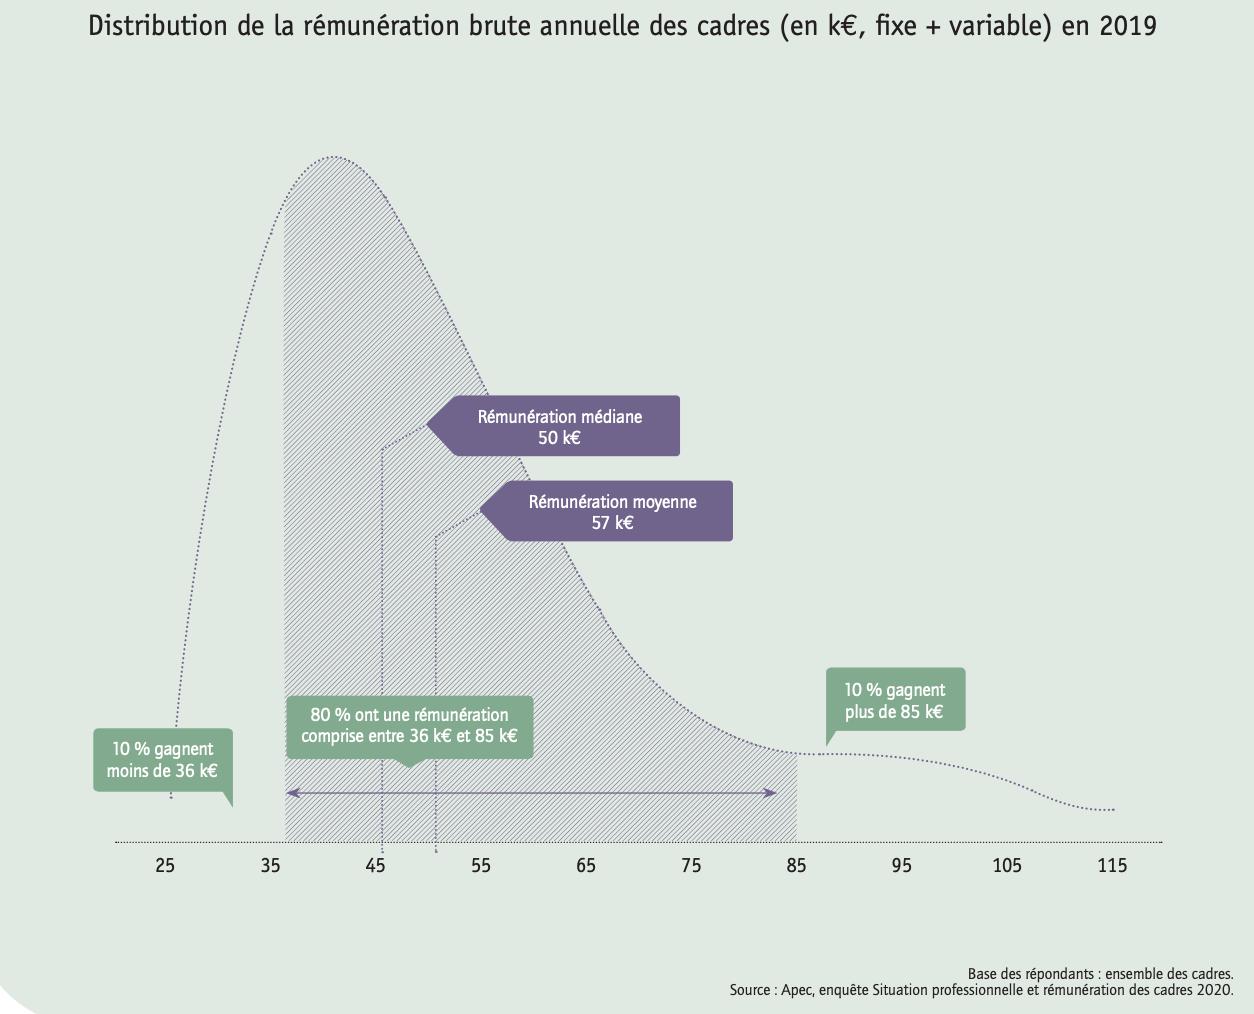 Distribution de la rémunération brute annuelle des cadres en 2019